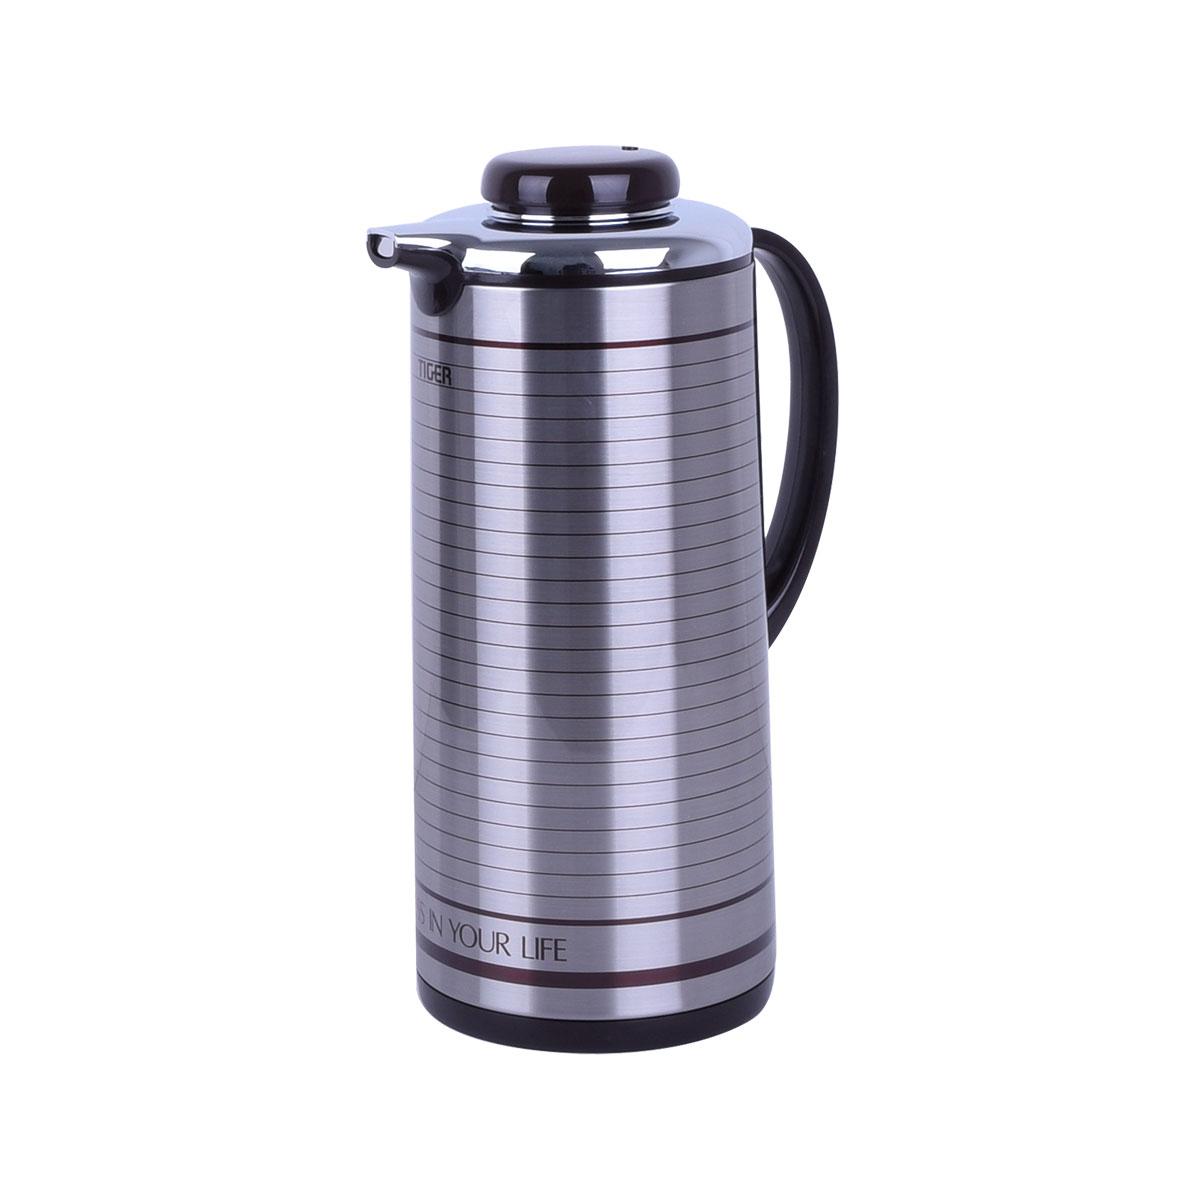 ترمس شاي وقهوه تايجر اليابانية - استانلس استيل - 1.3 لتر PXJ-130S